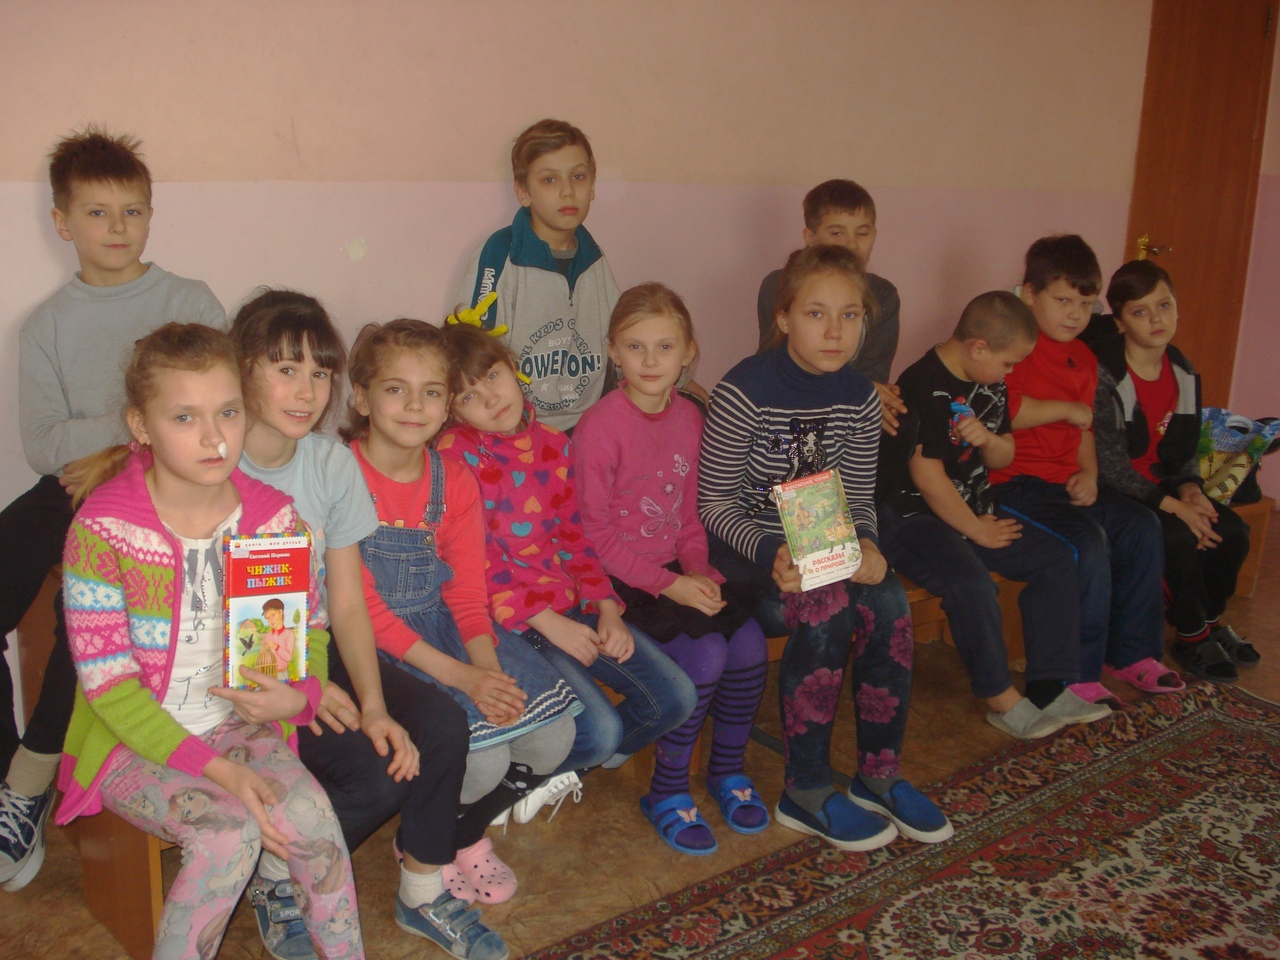 донецкая республиканская библиотека для детей, занятия с детьми, детям о литературе, появление книги, отдел обслуживания учащихся 5-9 классов